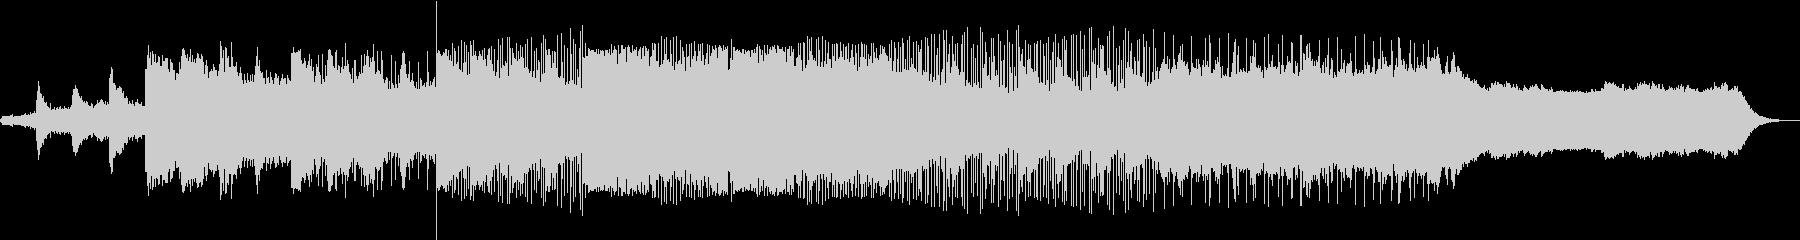 和をイメージした曲の未再生の波形